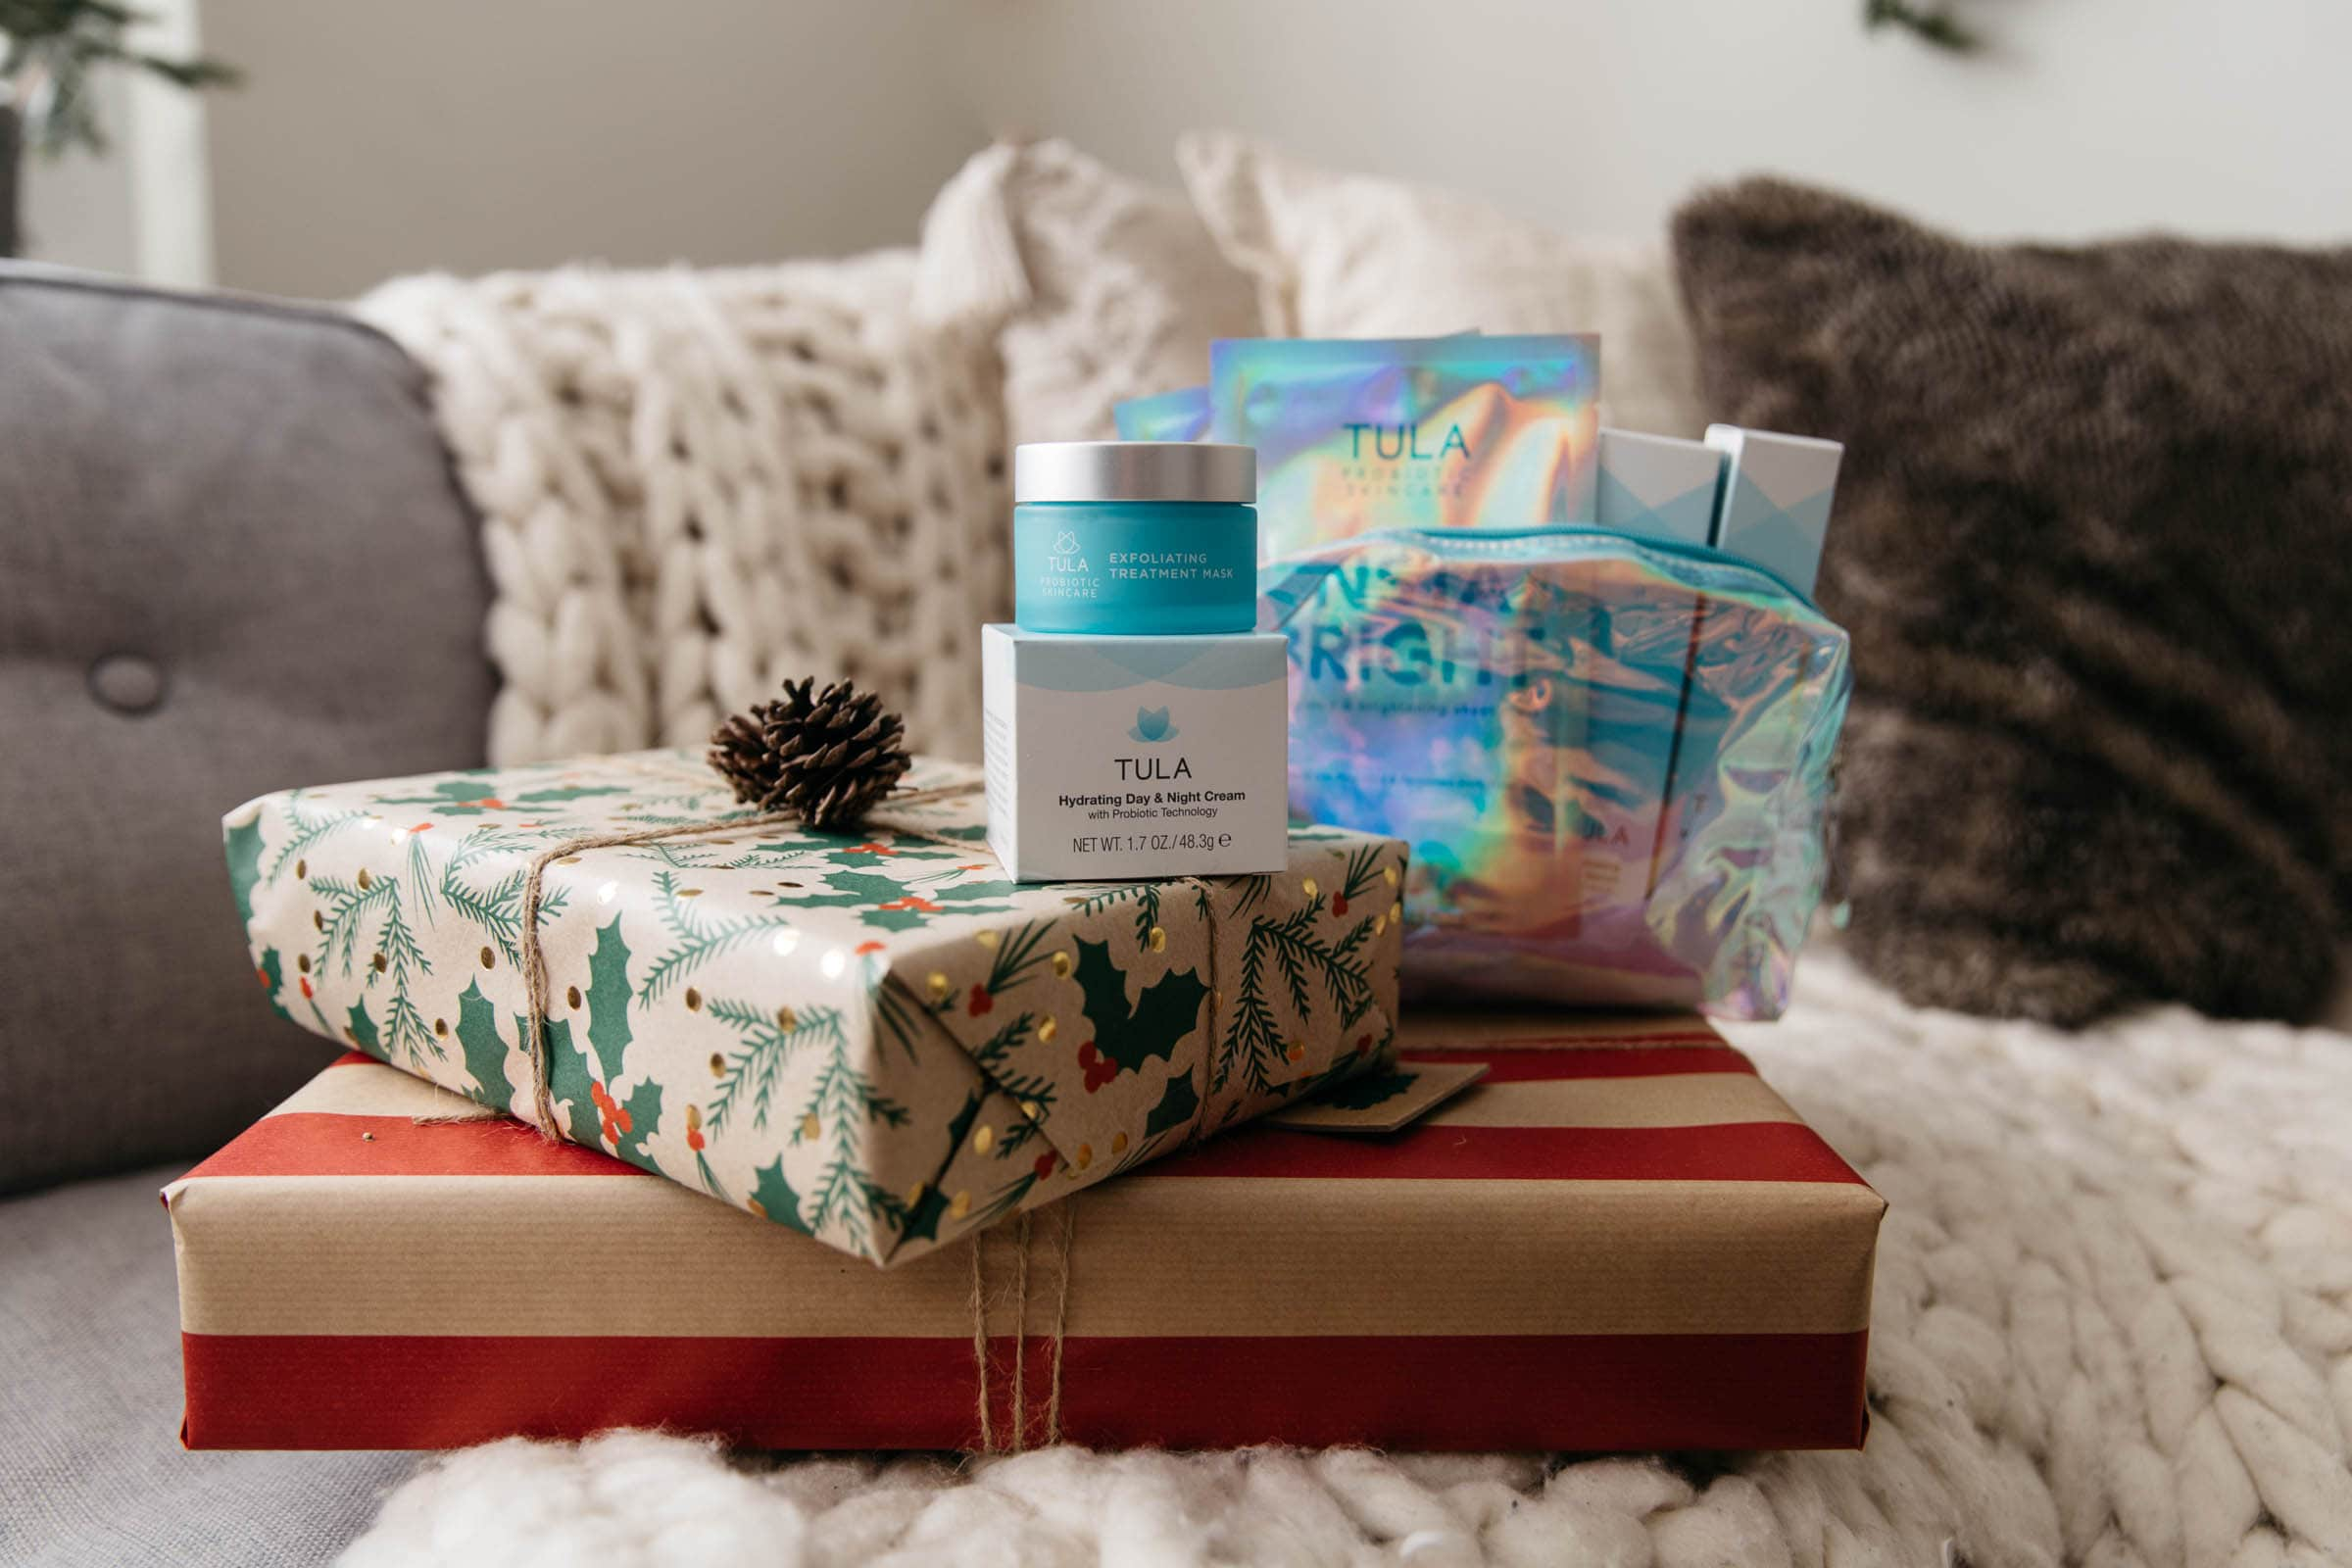 skincare gift idea